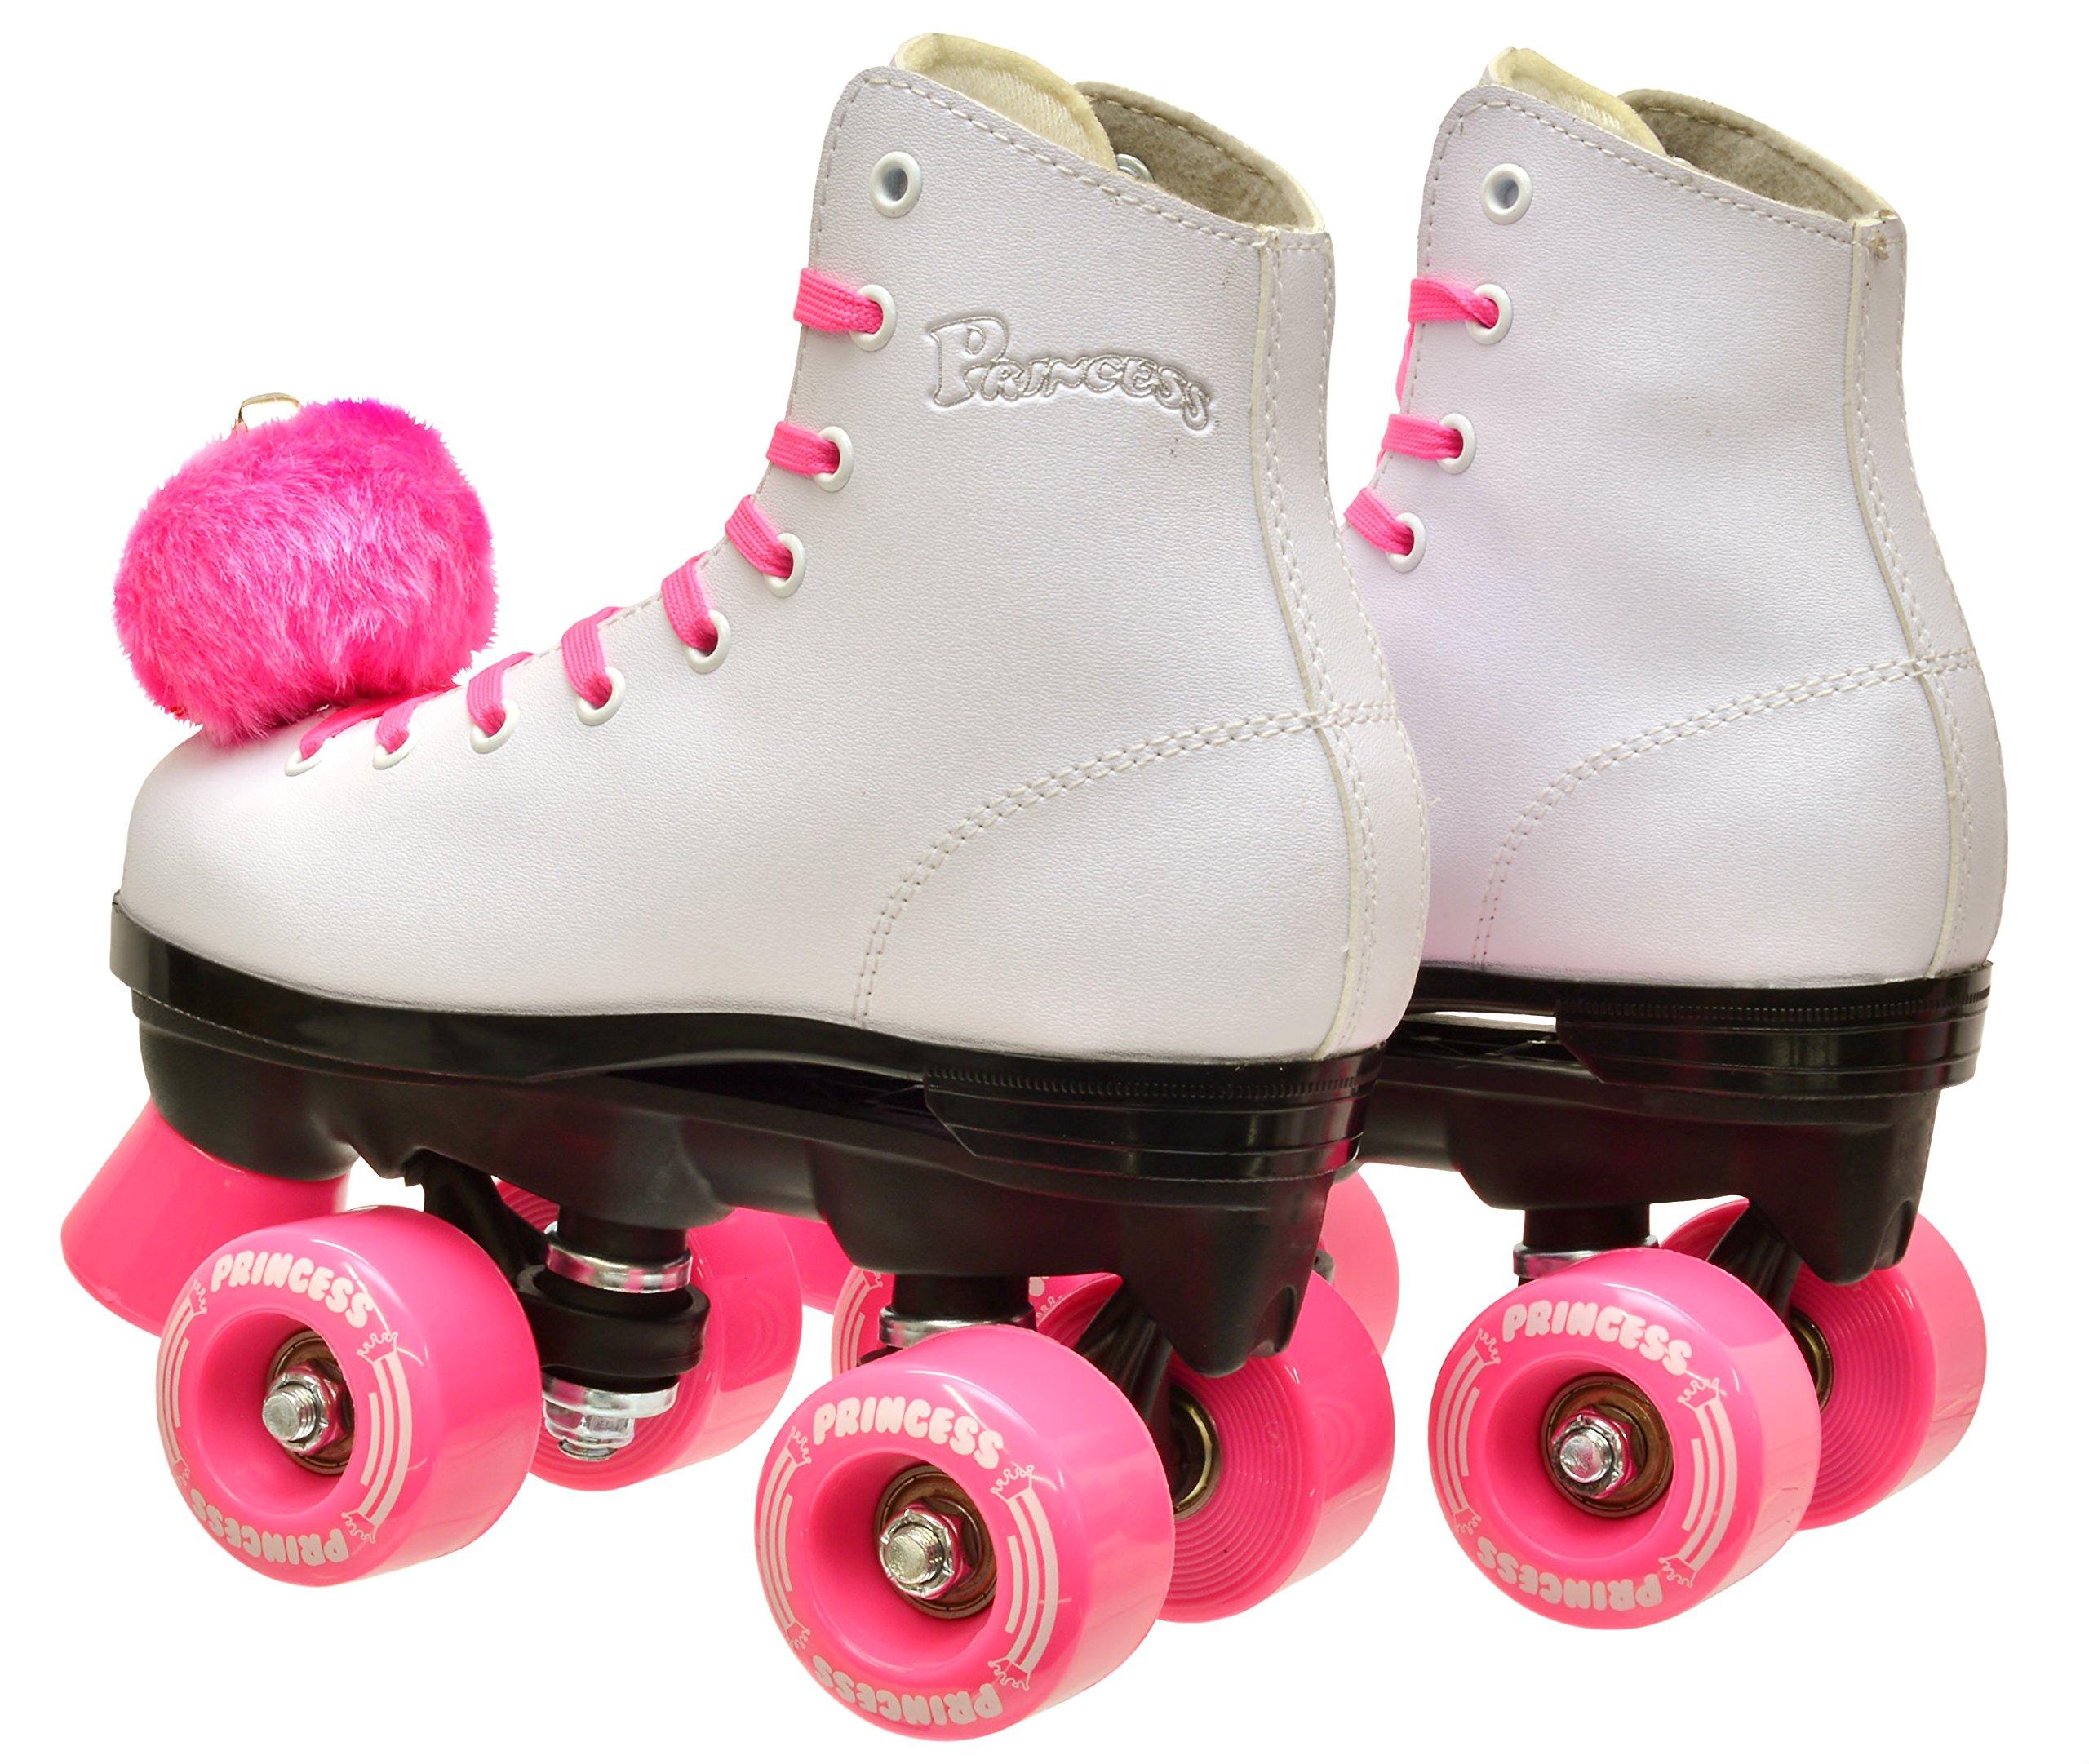 Epic Skates Epic Pink Princess Quad Roller Skates Kids 5 by Epic Skates (Image #1)